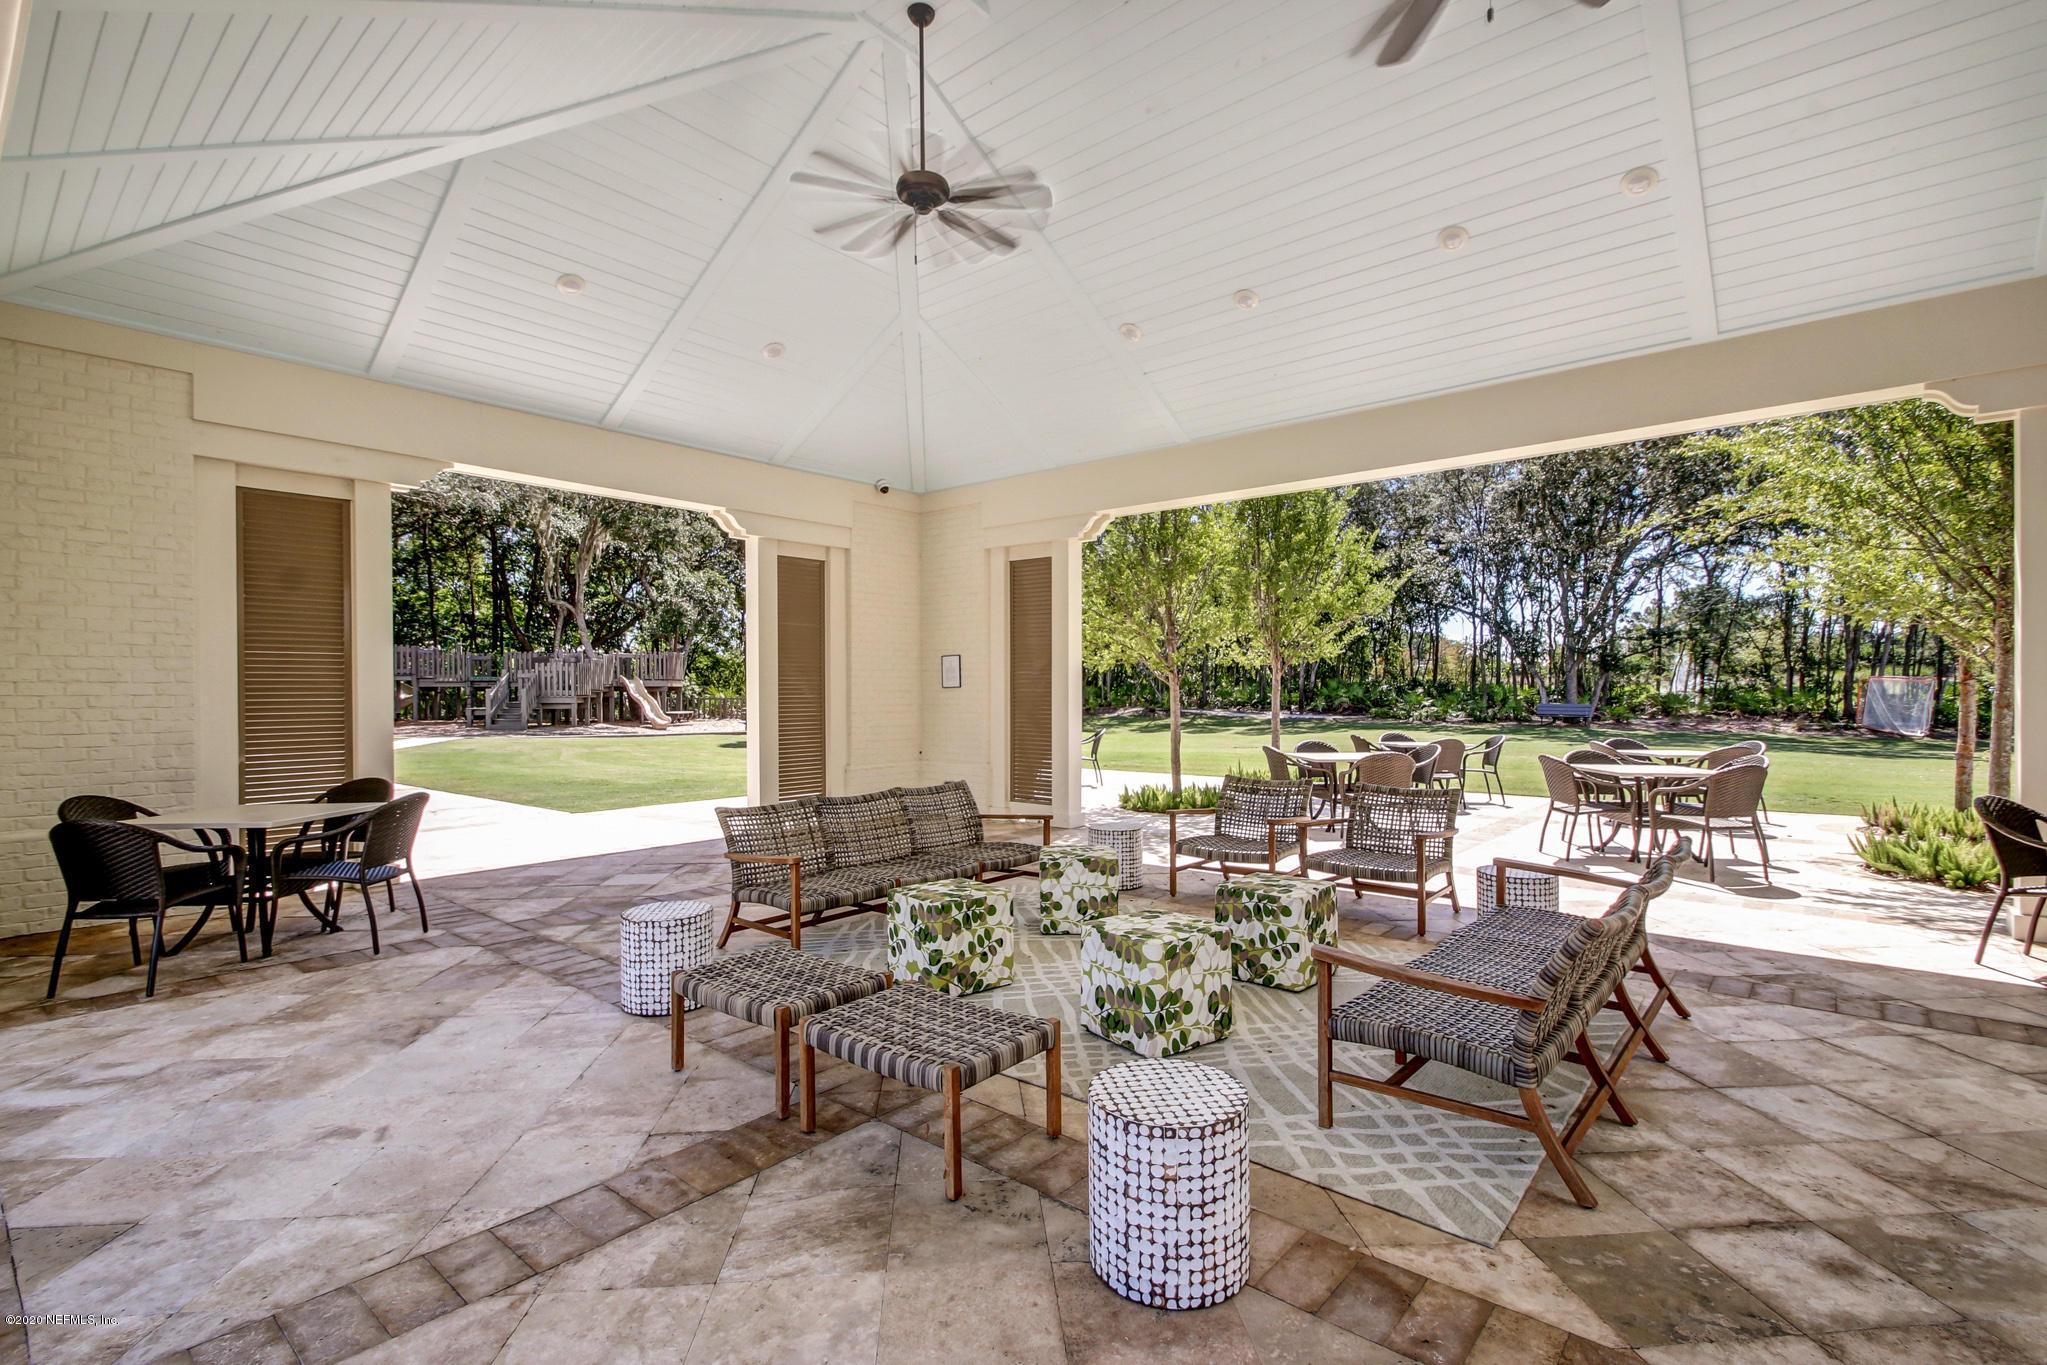 105 INDIGO, PONTE VEDRA BEACH, FLORIDA 32082, 4 Bedrooms Bedrooms, ,4 BathroomsBathrooms,Residential,For sale,INDIGO,1054862